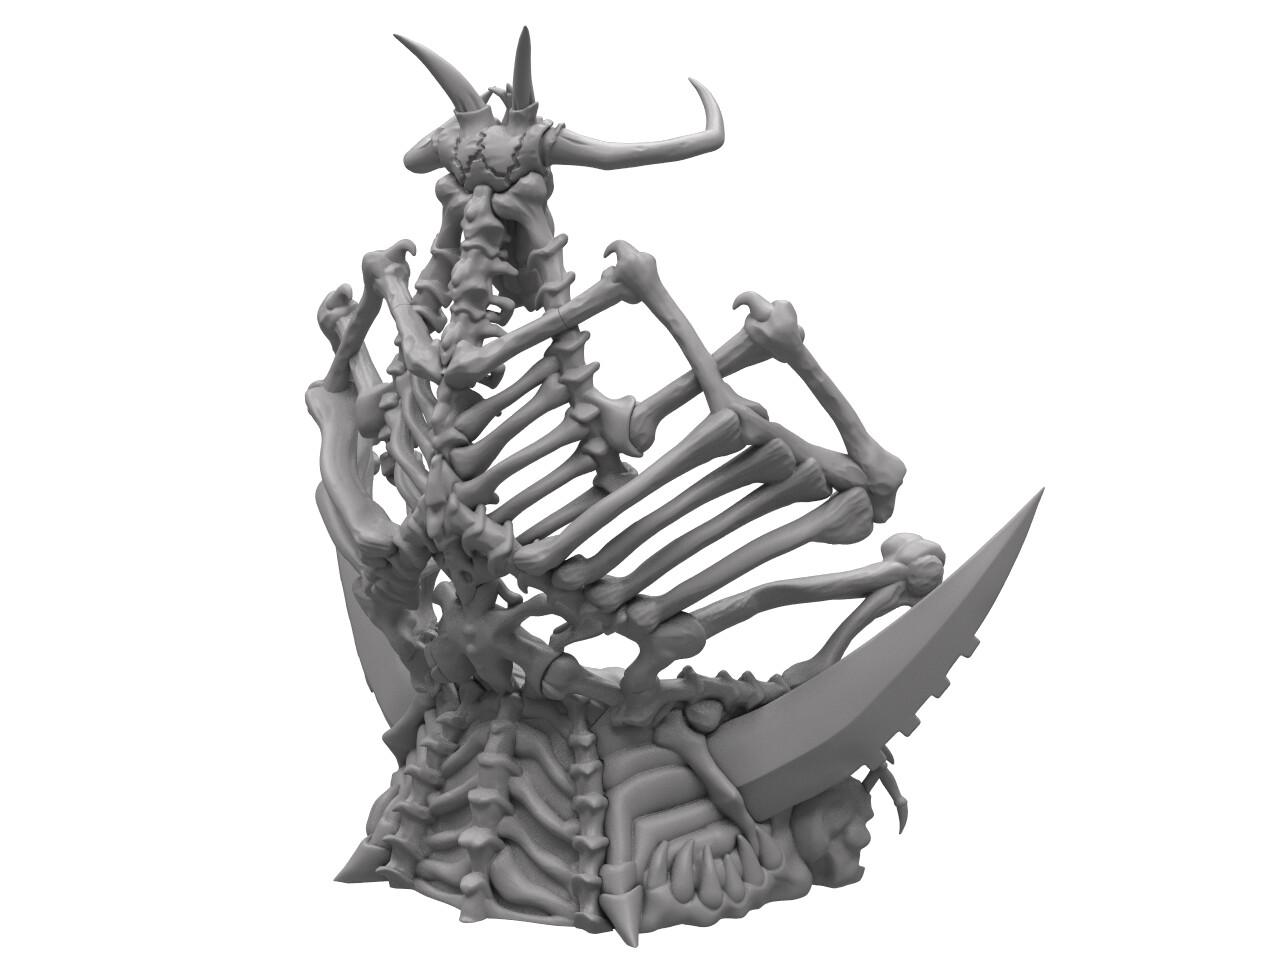 Ben misenar skeletor throne rb 2